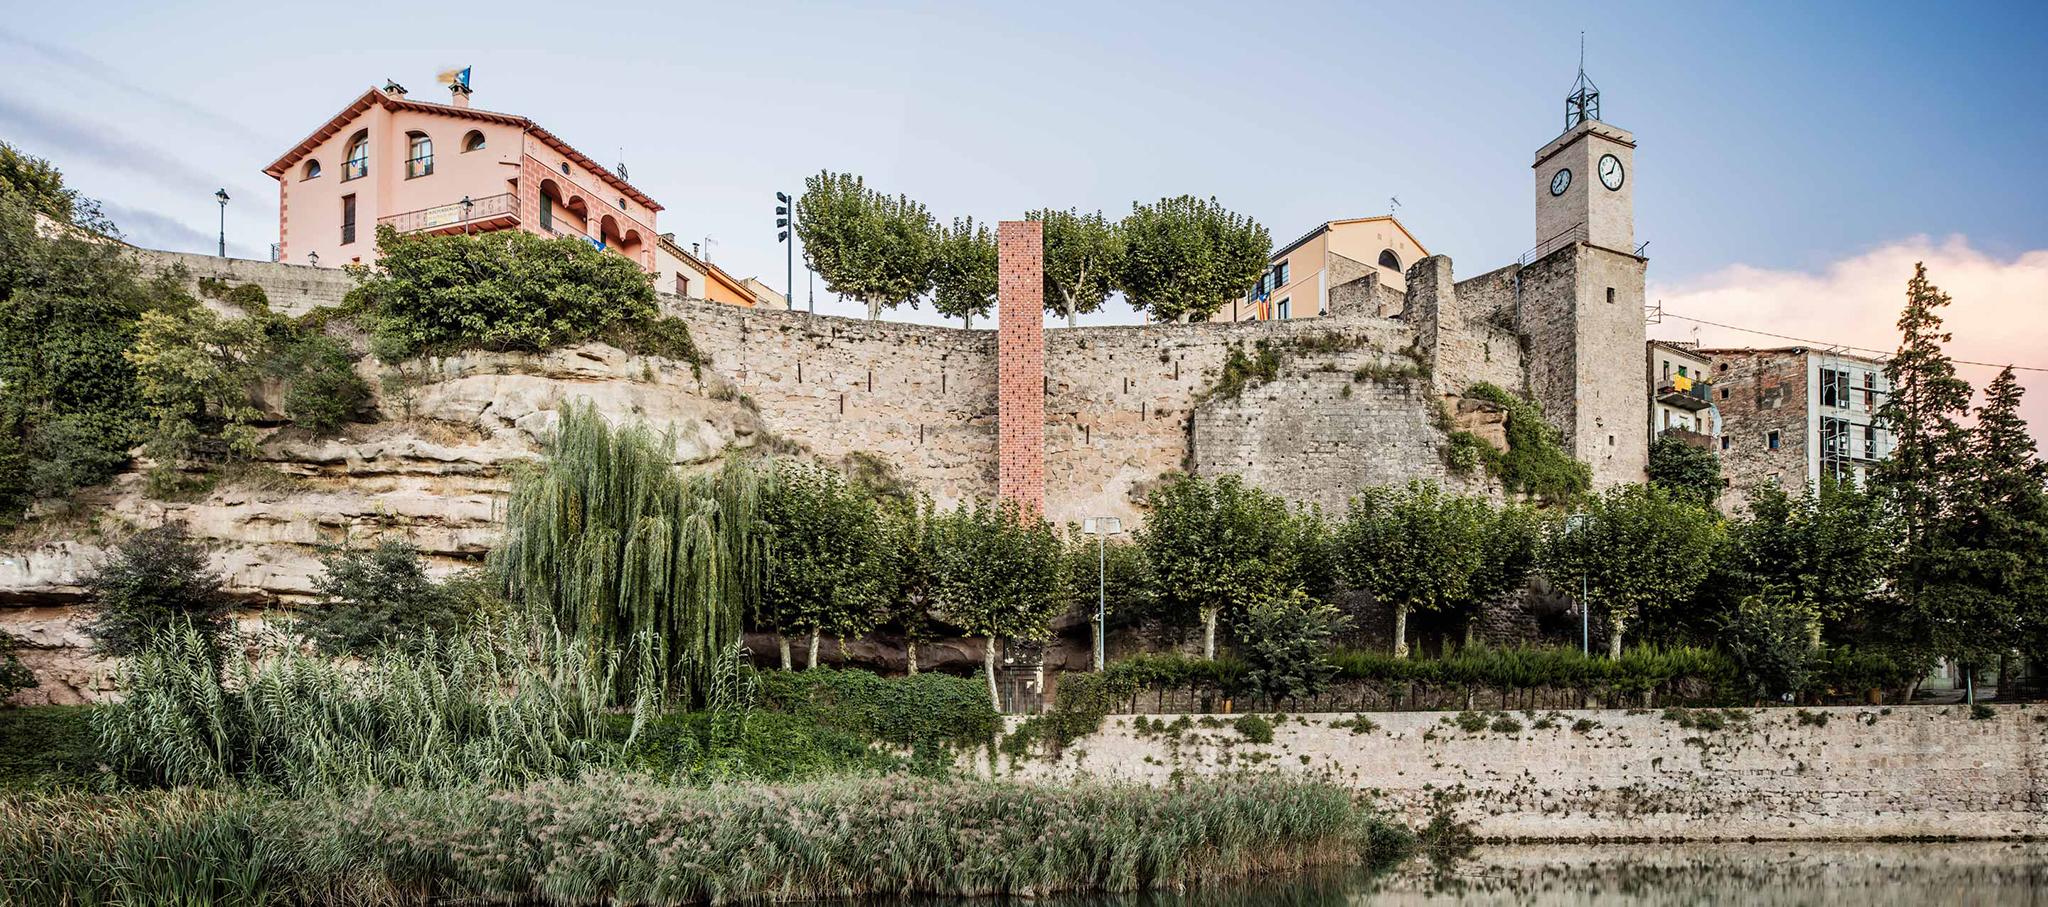 Nuevo acceso al centro histórico de Gironella por Carles Enrich. Fotografía © Adrià Goula